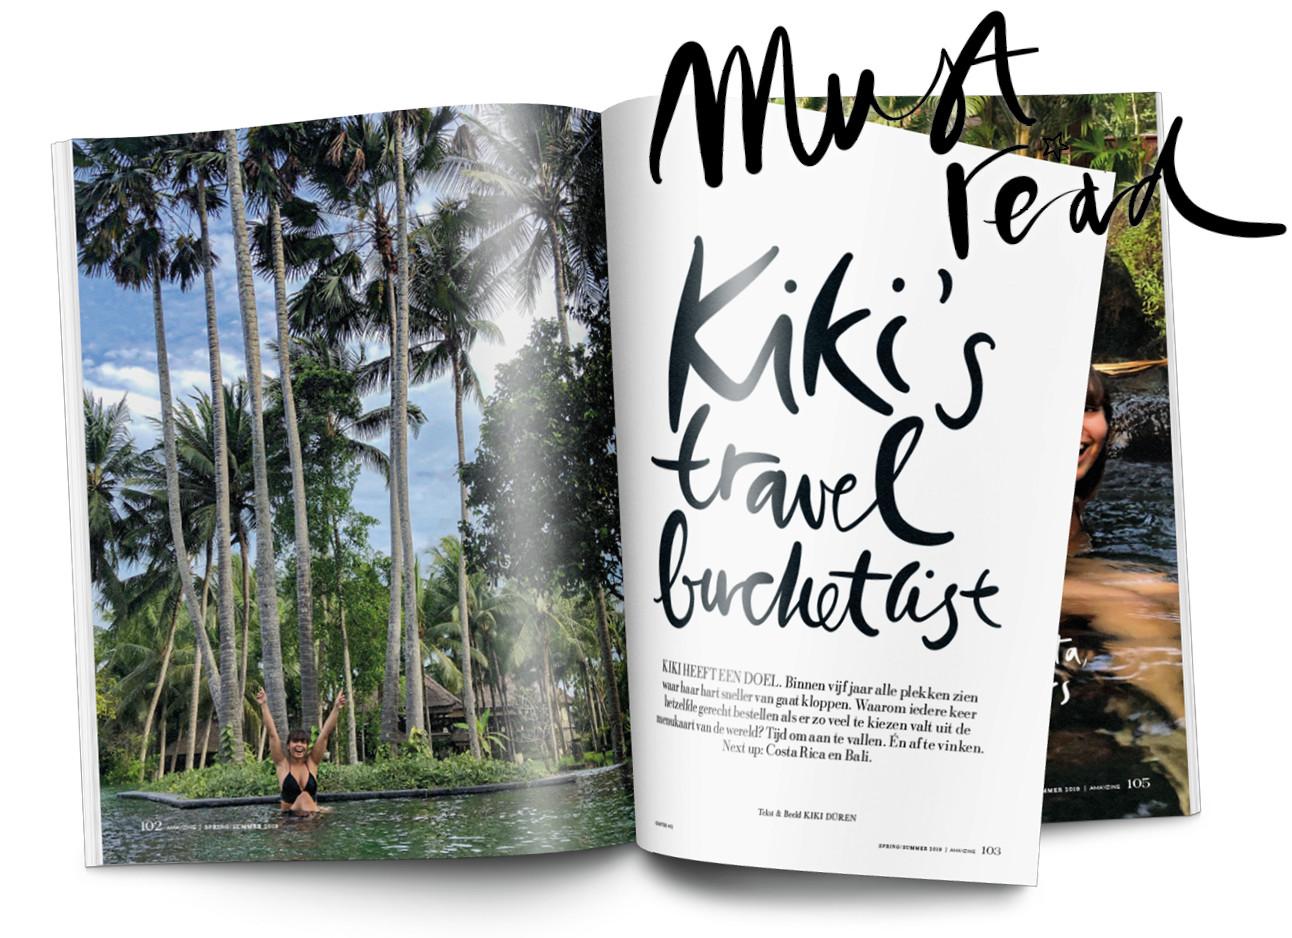 beeld uit het magazine met kikid in een zwembad ligt